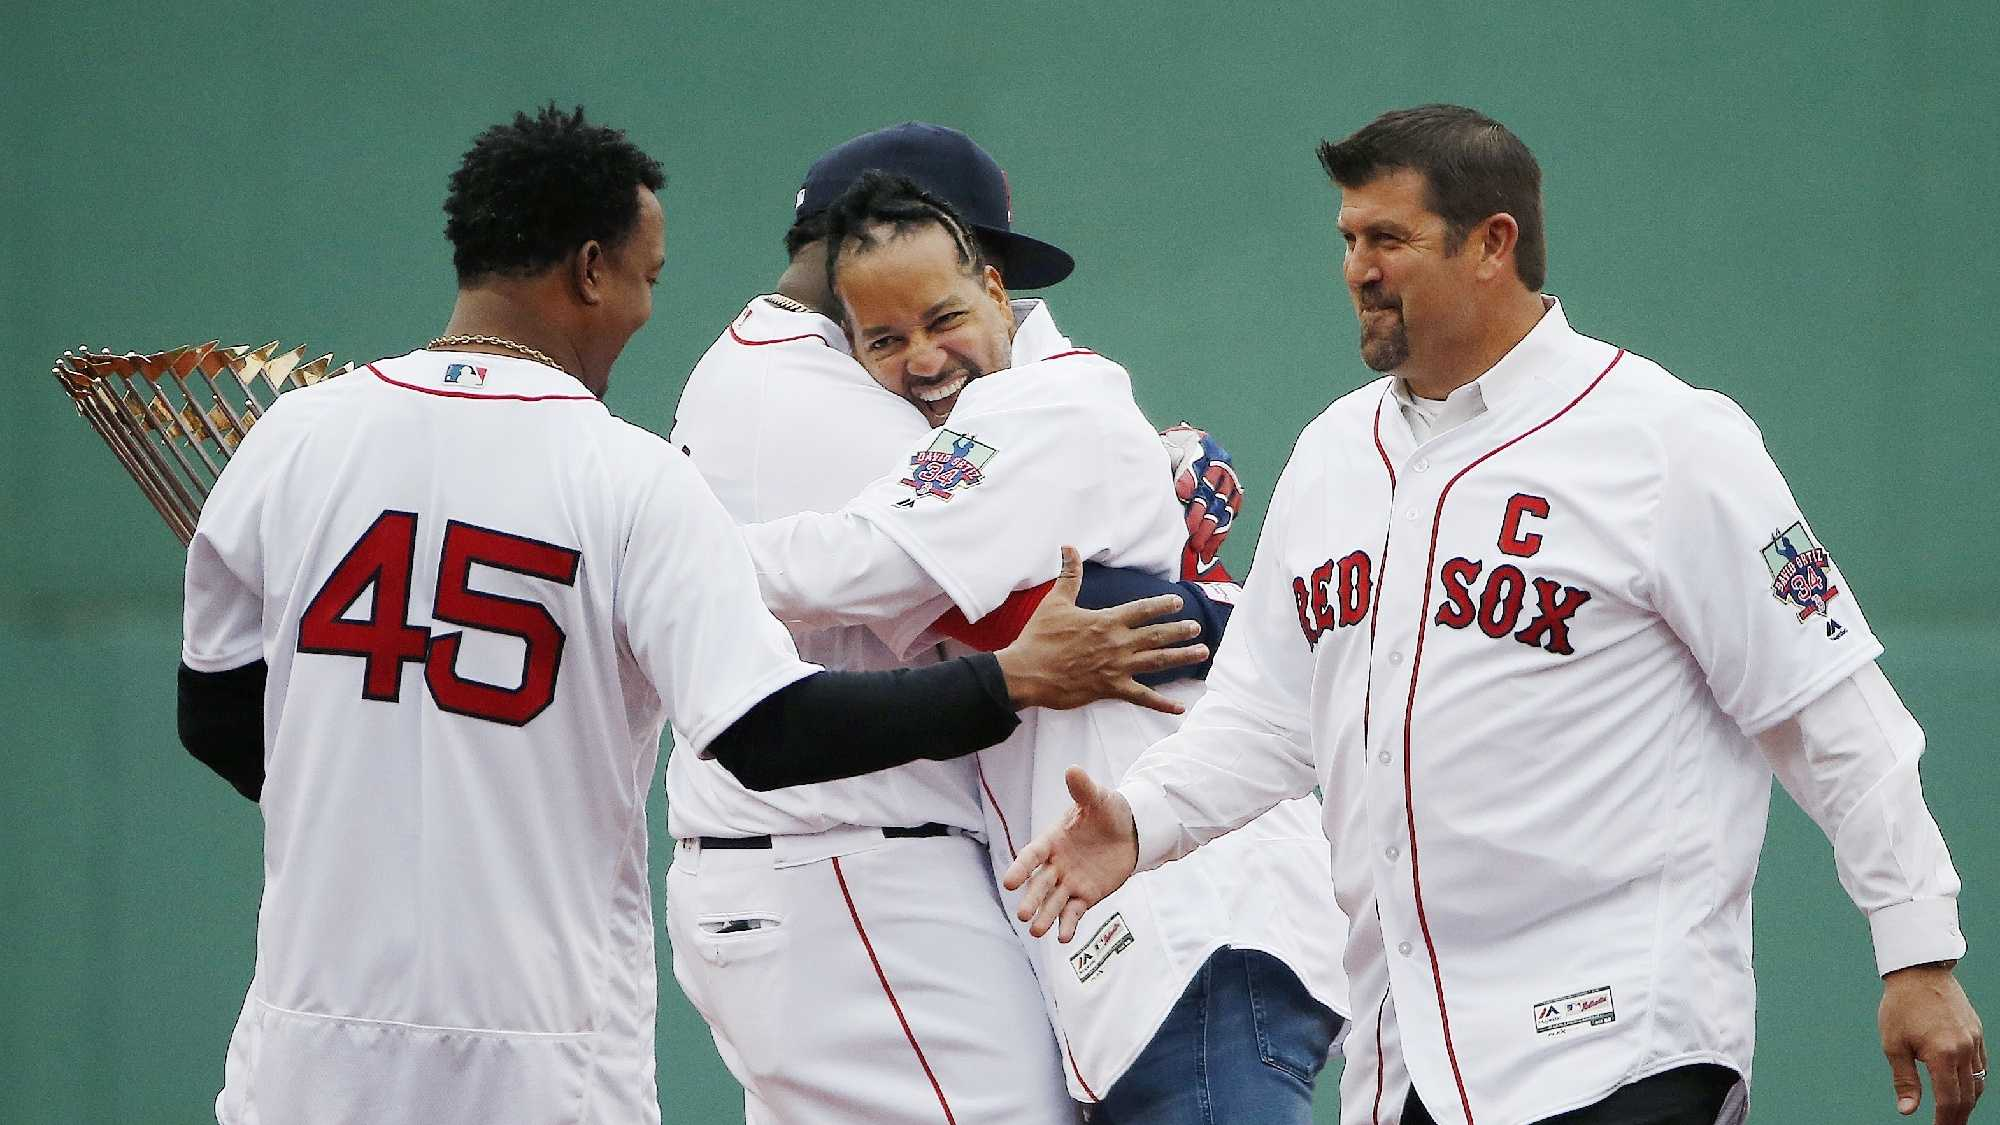 David Ortiz Manny Ramirez hug AP 1002.jpg